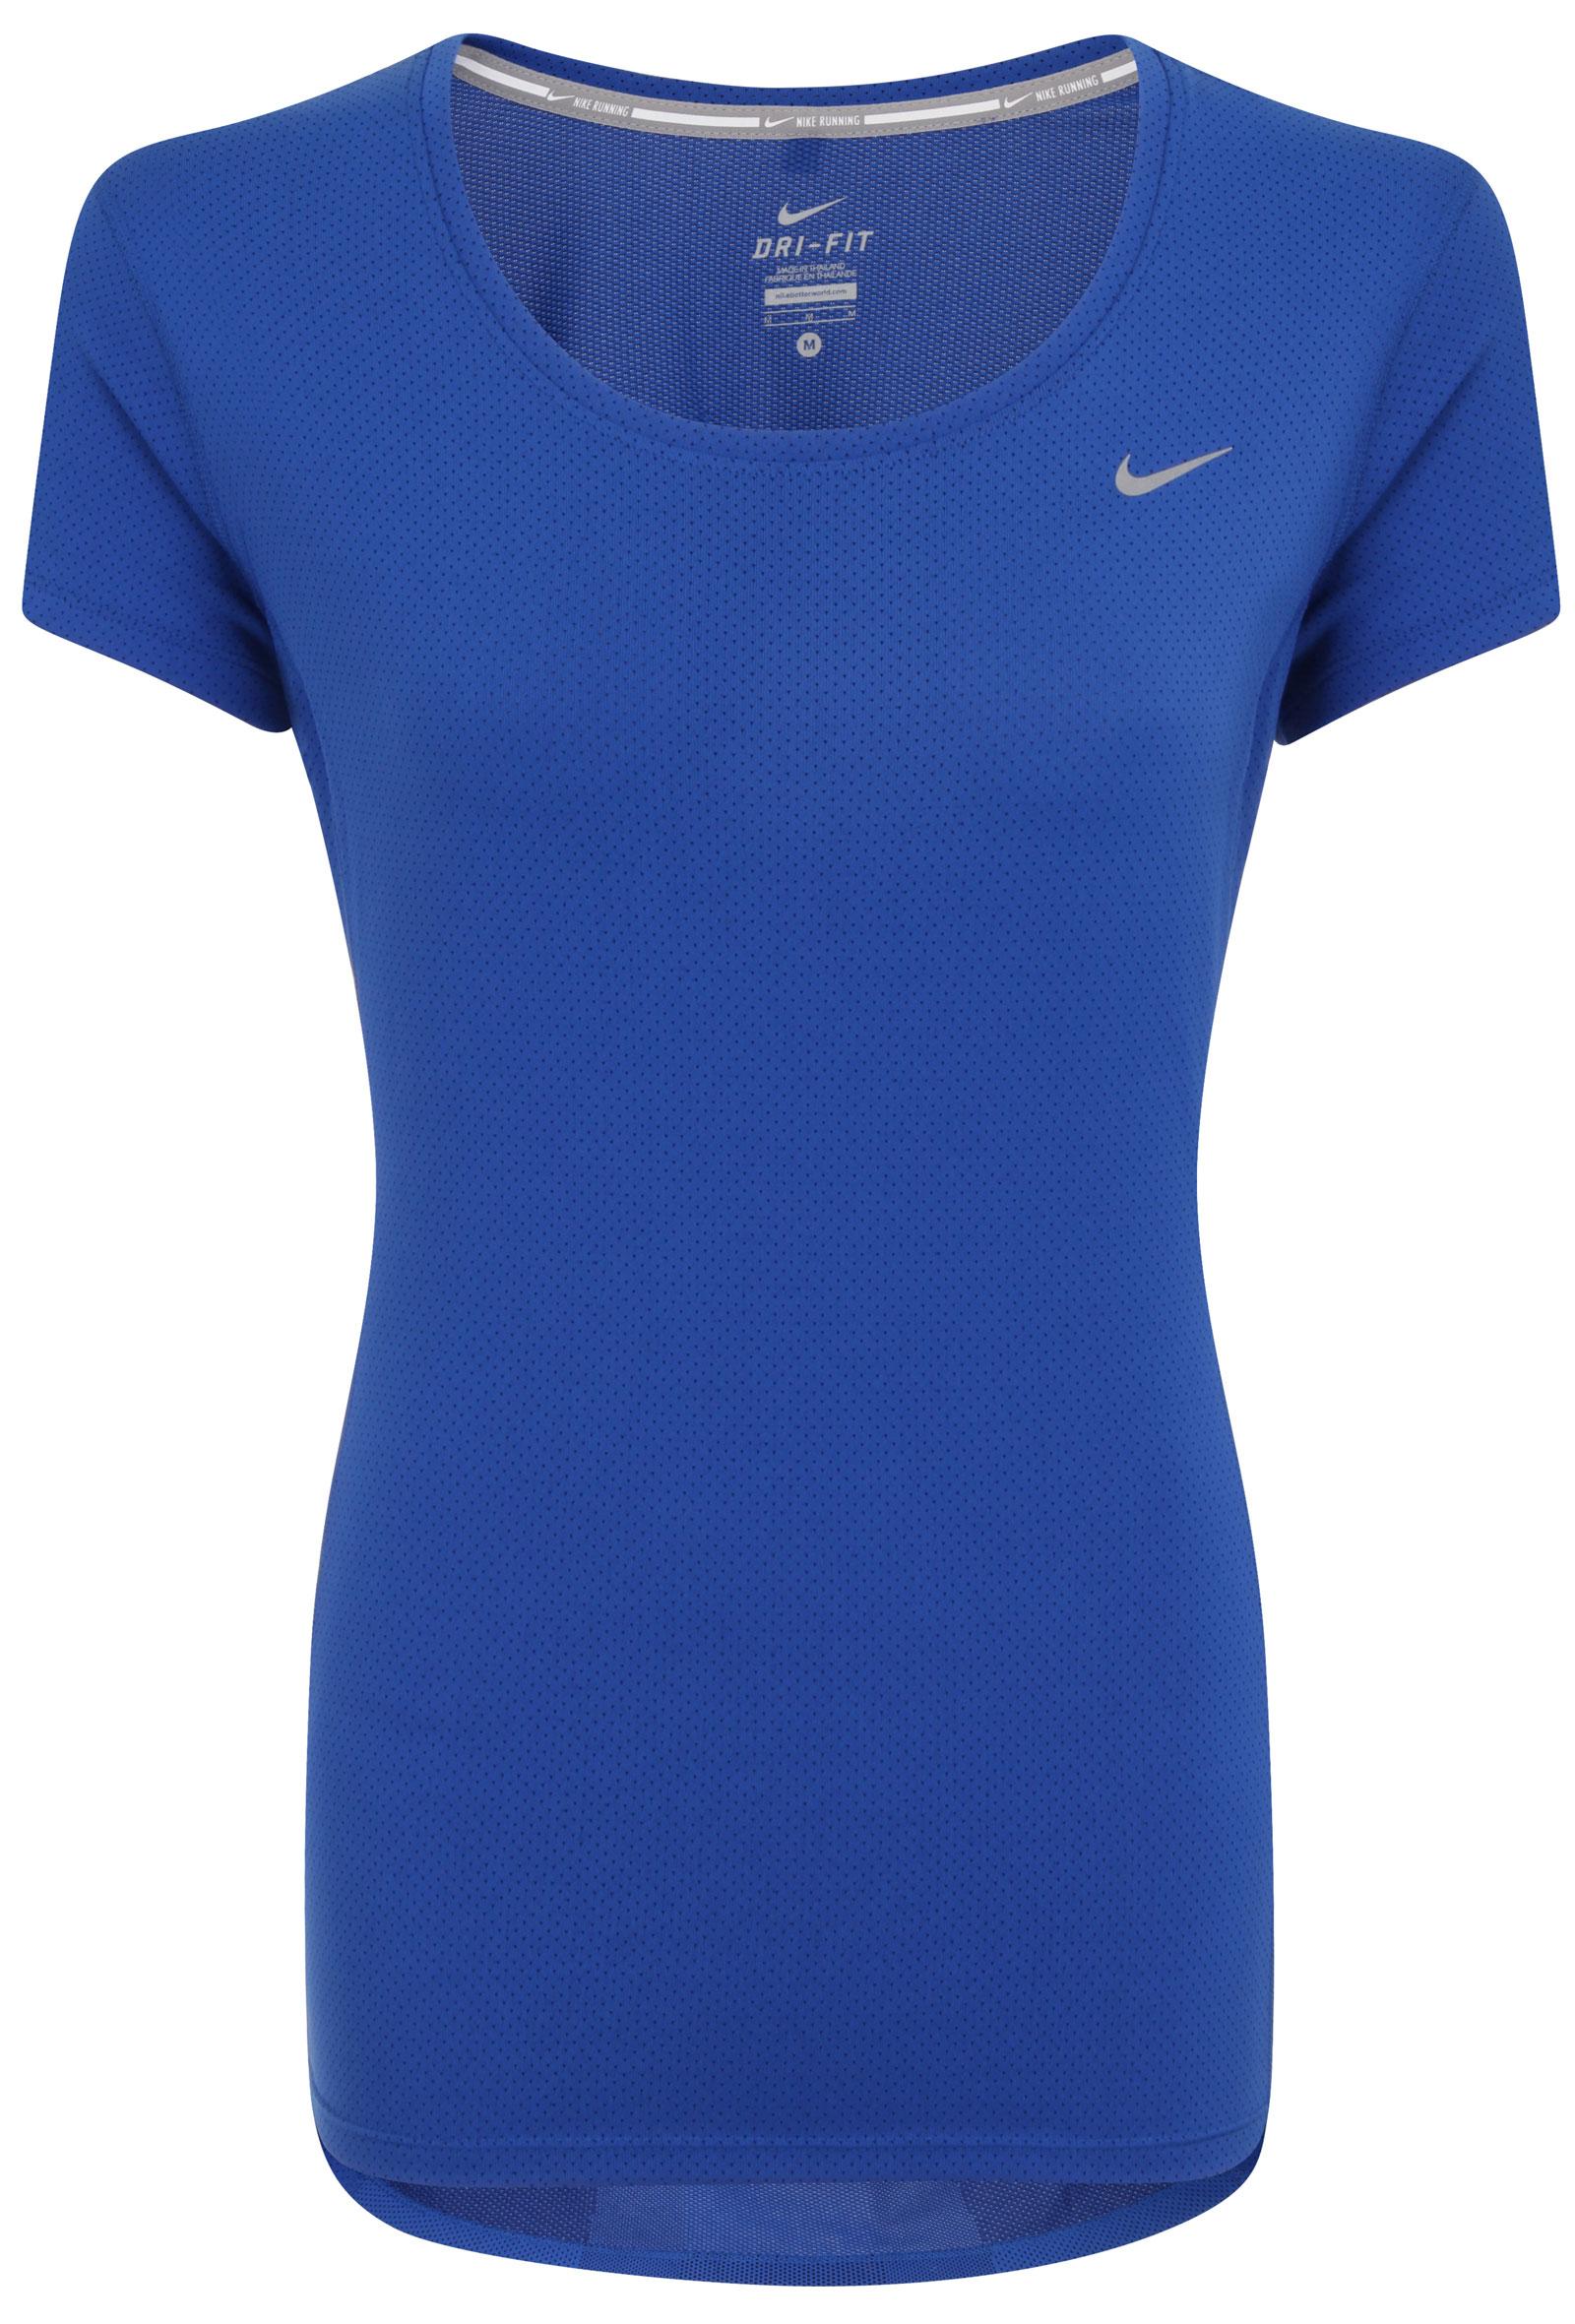 Nuevo-Nike-Dri-Fit-Contorno-De-Mujer-Correr-Camiseta-TODAS-LAS-TALLAS